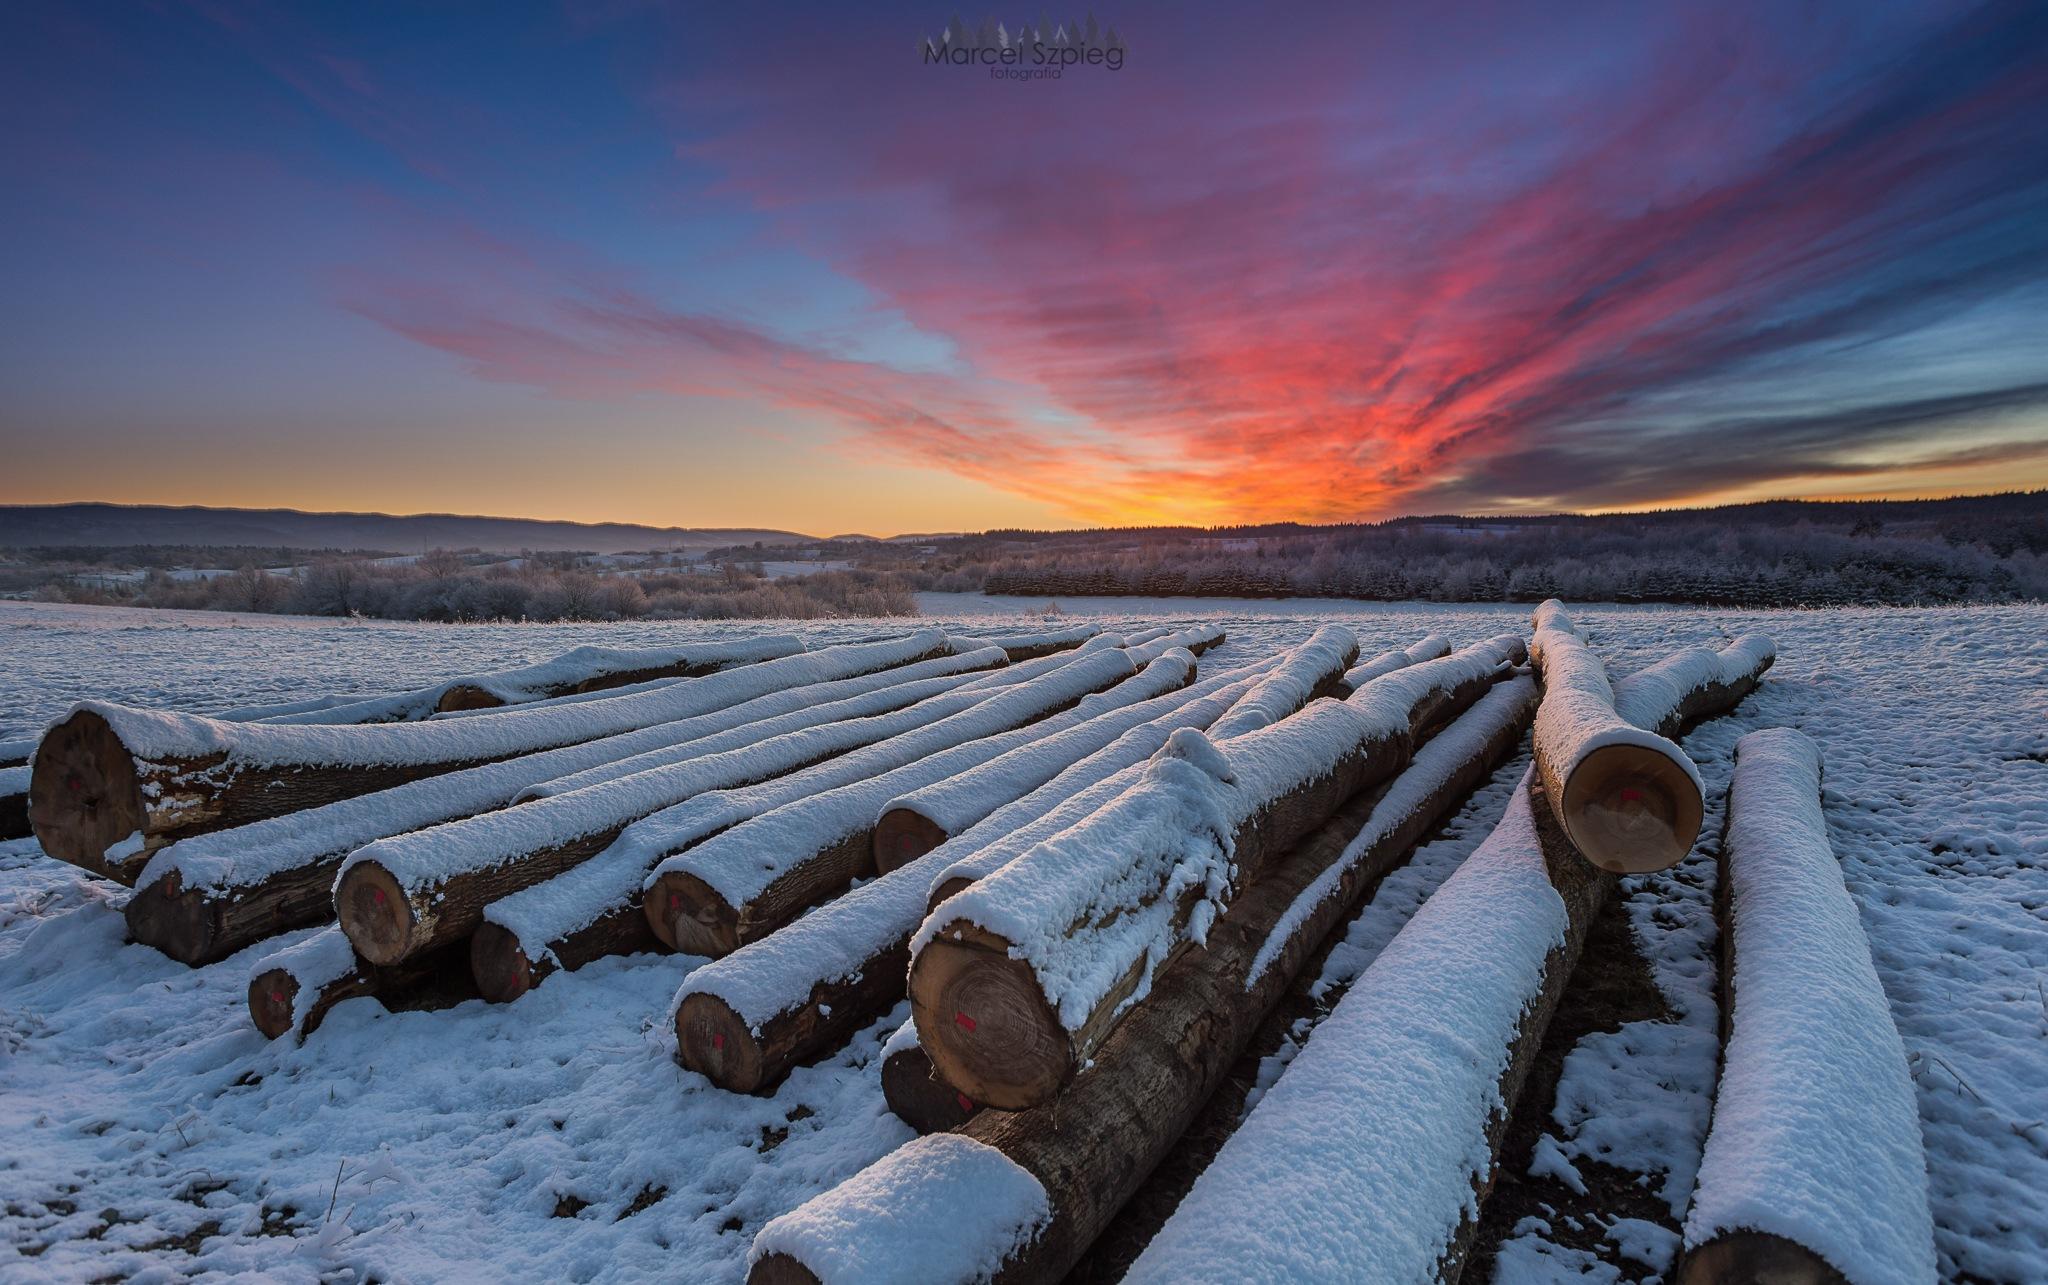 Winter by Marcel Szpieg